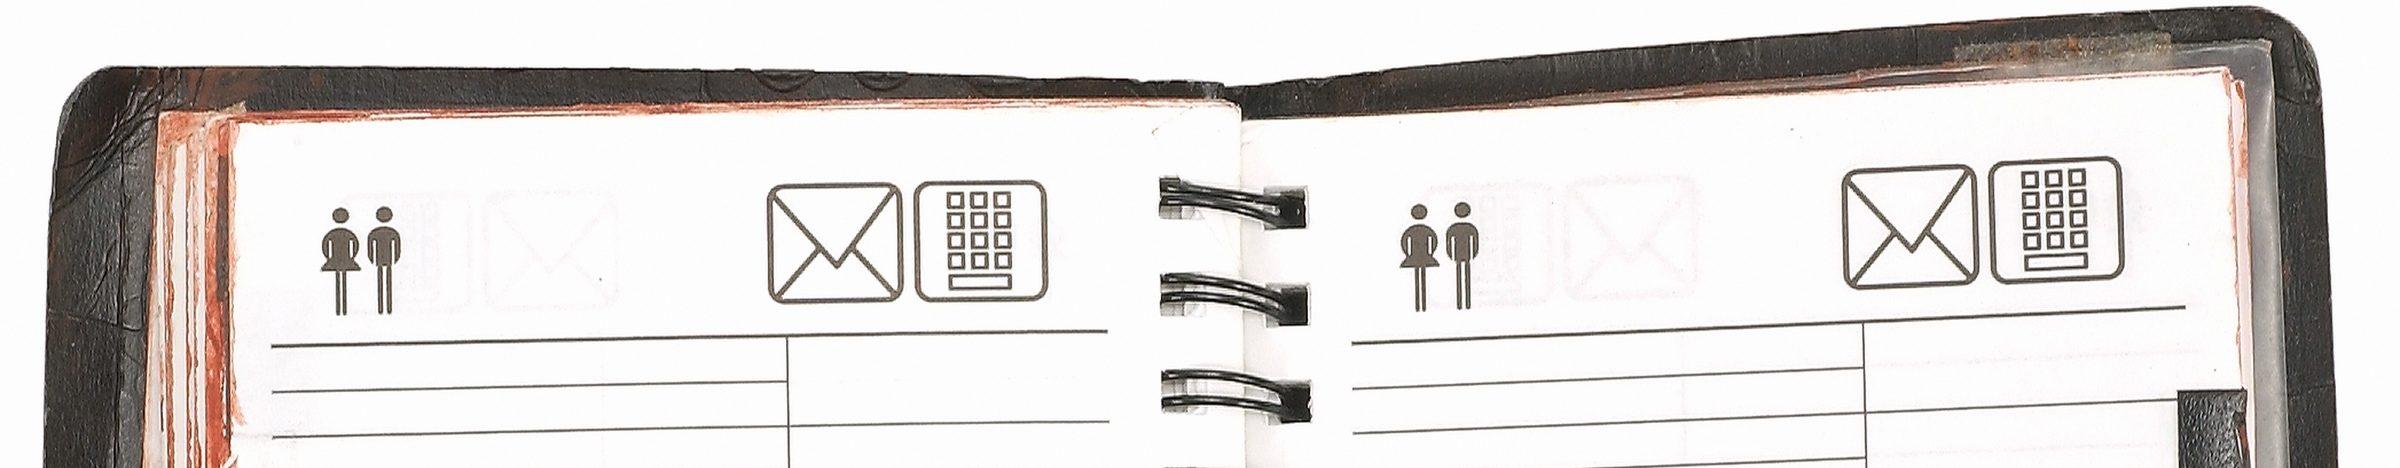 Kalendarze do różnych zastosowań